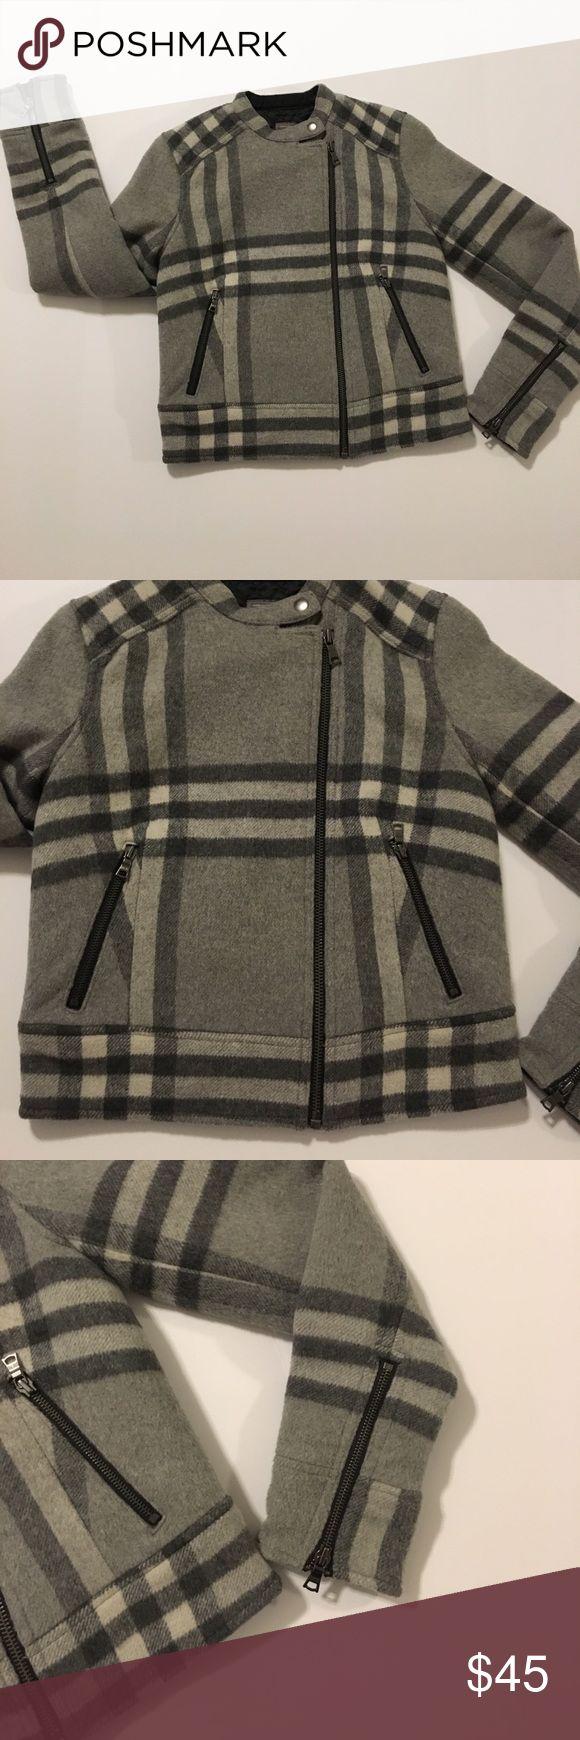 I just added this listing on Poshmark: GAP Wool Jacket. #shopmycloset #poshmark #fashion #shopping #style #forsale #GAP #Jackets & Blazers